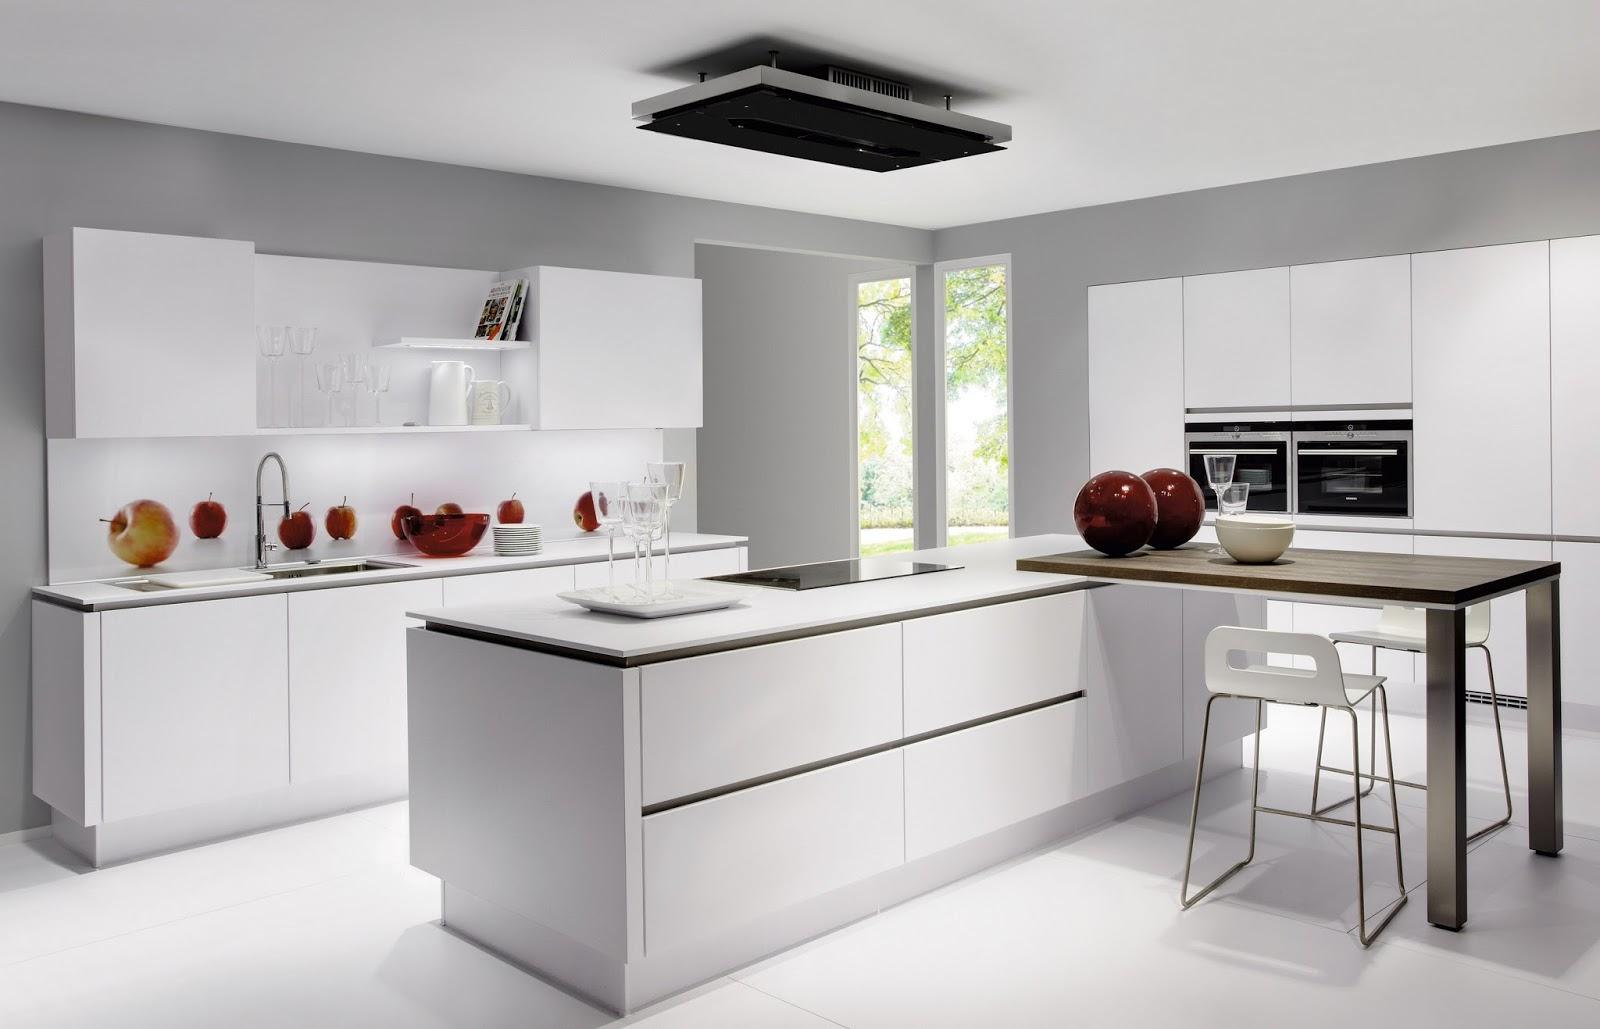 Cocinas Modernas Integrales Peque As Fondos De Pantalla ~ Diseños De Cocinas Pequeñas Modernas